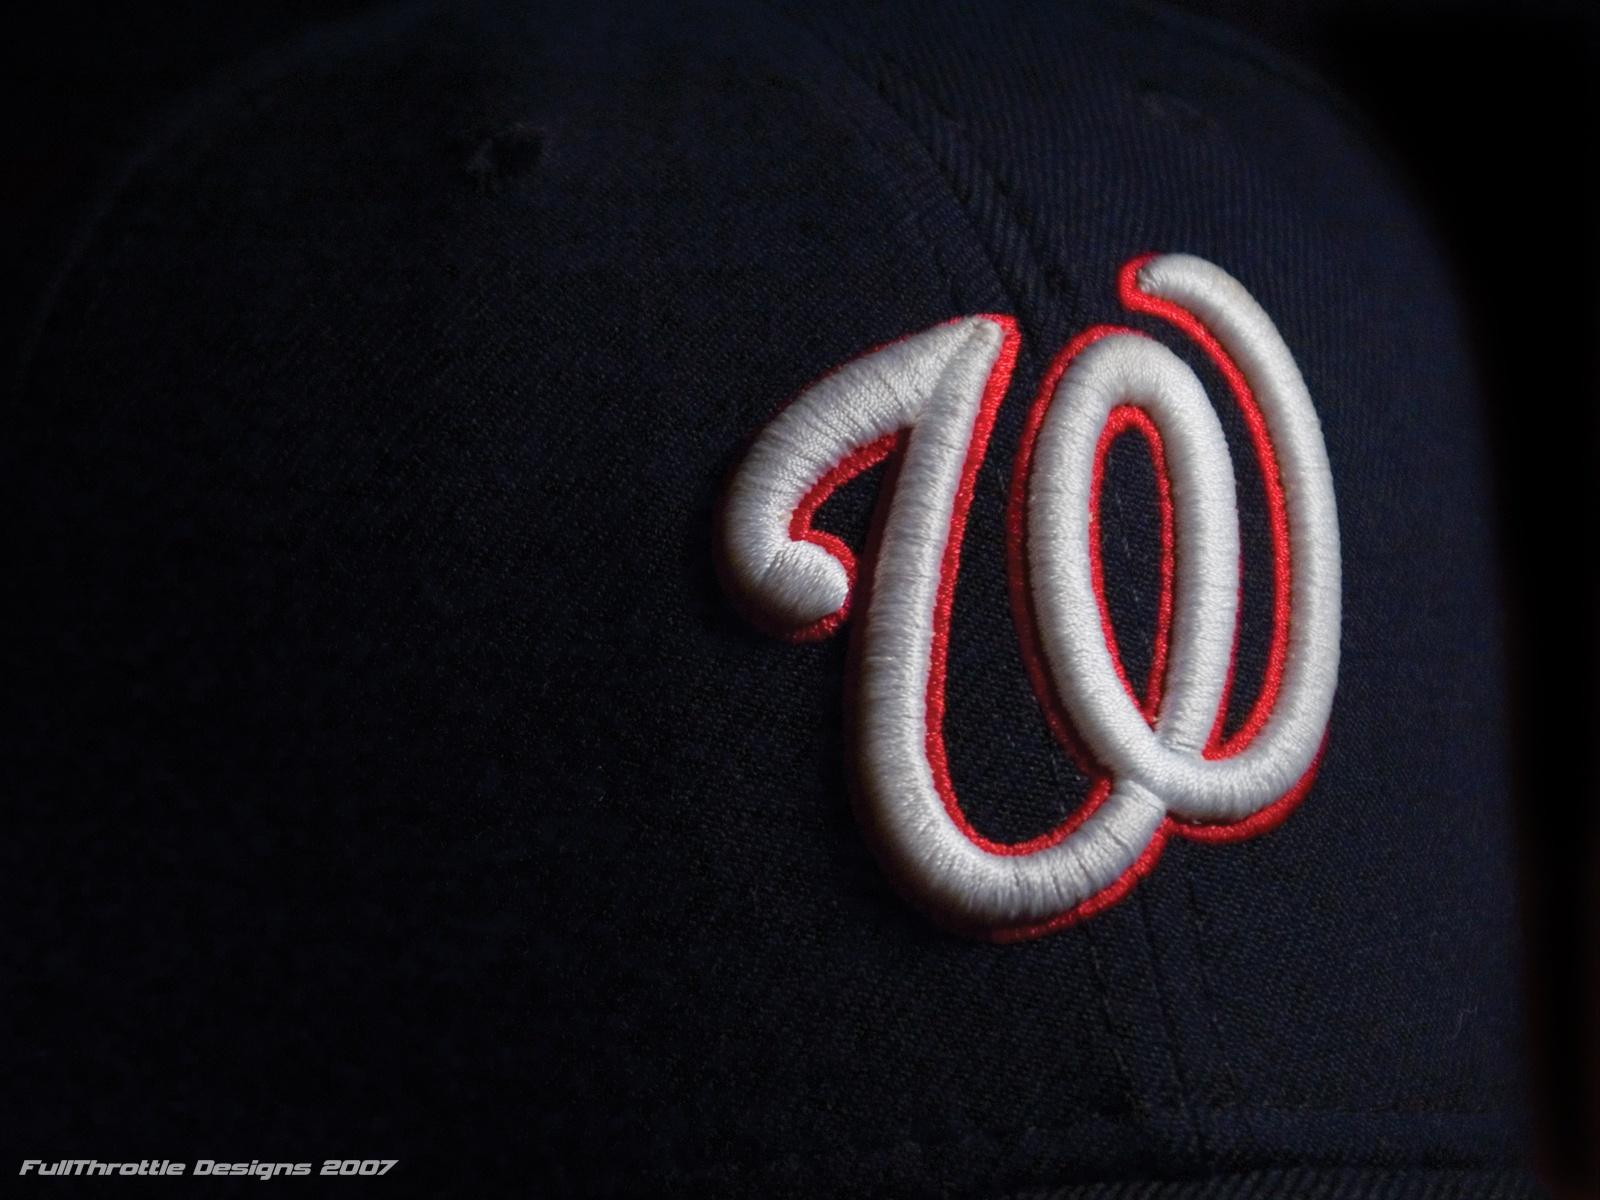 washington nationals mlb baseball 21 wallpaper